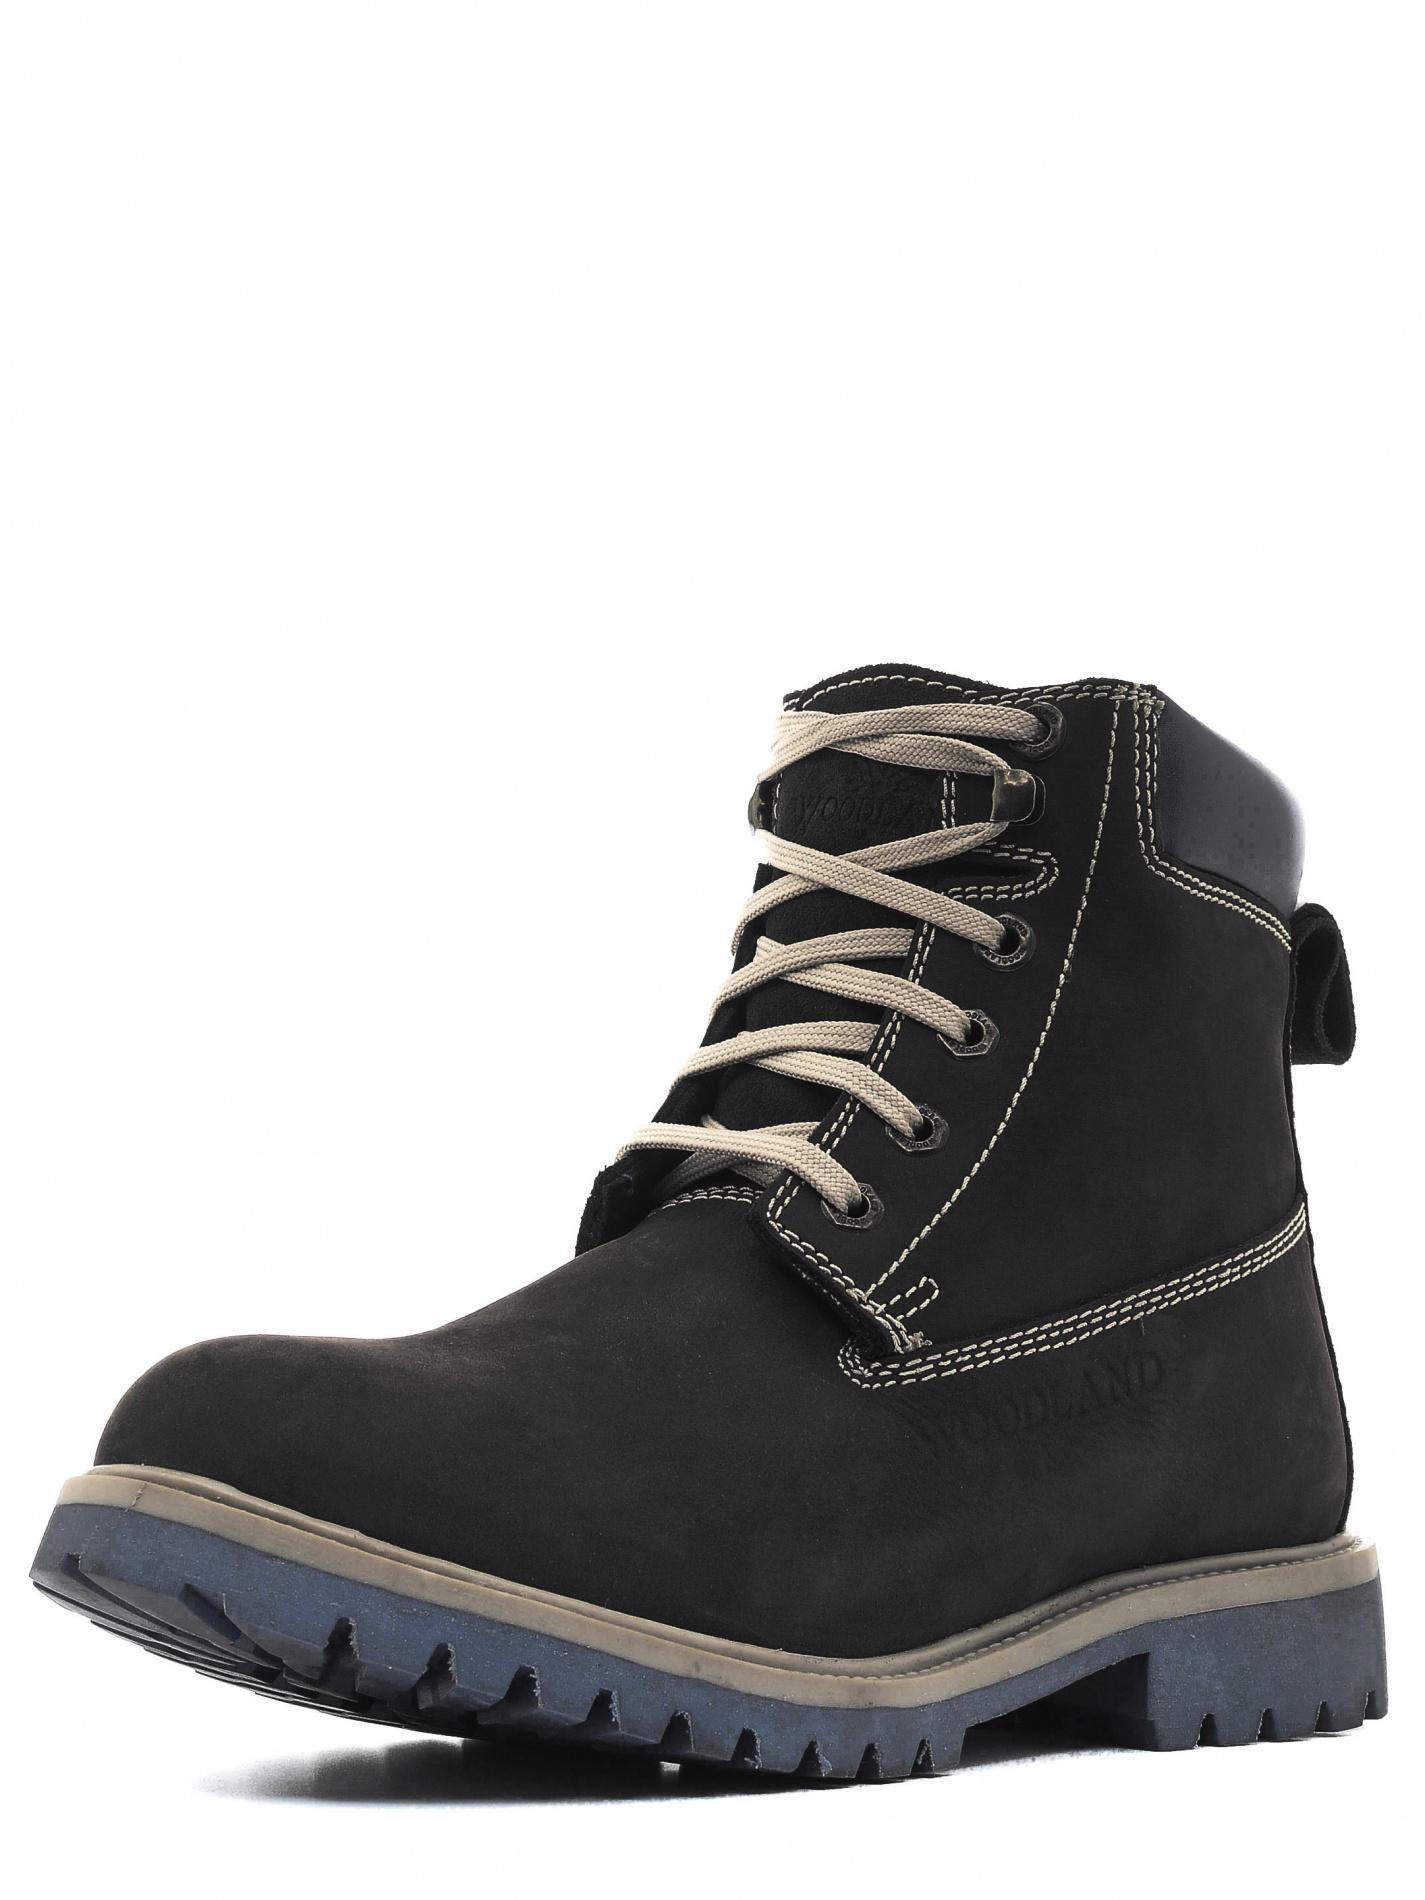 Ботинки мужские, треккинговые, чёрные GB1276113F Ботинки для трекинга<br>Удобные высокие ботинки из натурального <br>нубука. Комфортная, теплая подкладка и мягкая <br>стелька из искусственного меха согревают <br>ноги в сырую и холодную погоду. Гибкая, износостойкая <br>подошва из термопластичной резины (ТПР) <br>обладает противоскользящими свойствами <br>и устойчива к перепадам температур. Протектор <br>подошвы предотвращает скольжение. На заднике <br>модели - специальная петля для удобства <br>надевани<br><br>Пол: мужской<br>Размер: 43<br>Сезон: демисезонный<br>Цвет: черный